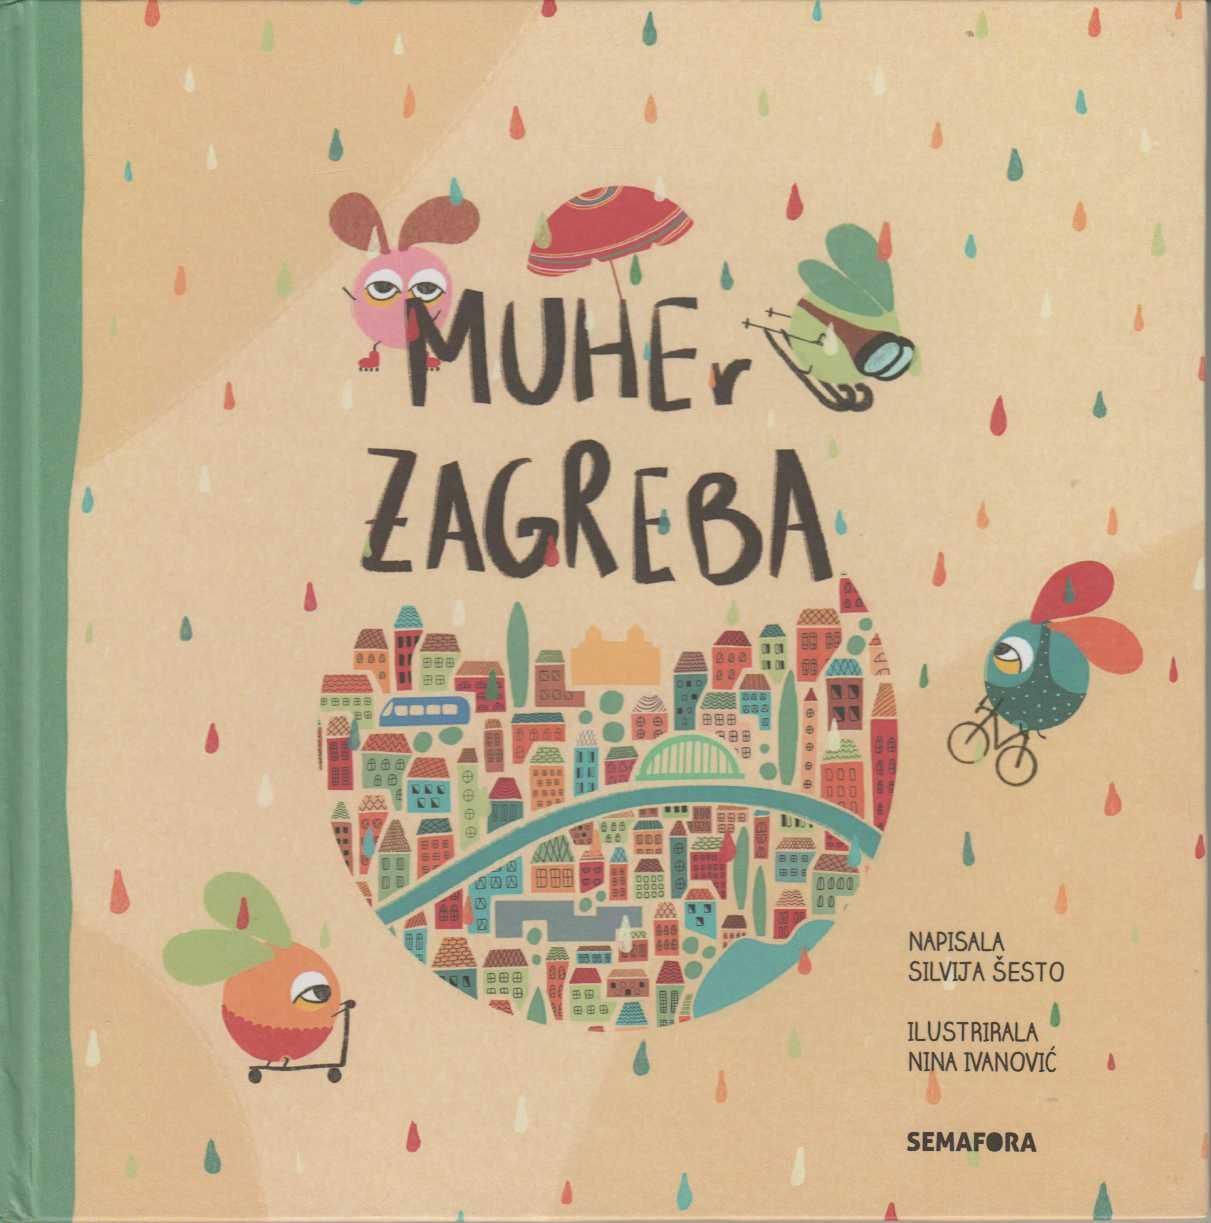 Muher Zagreba